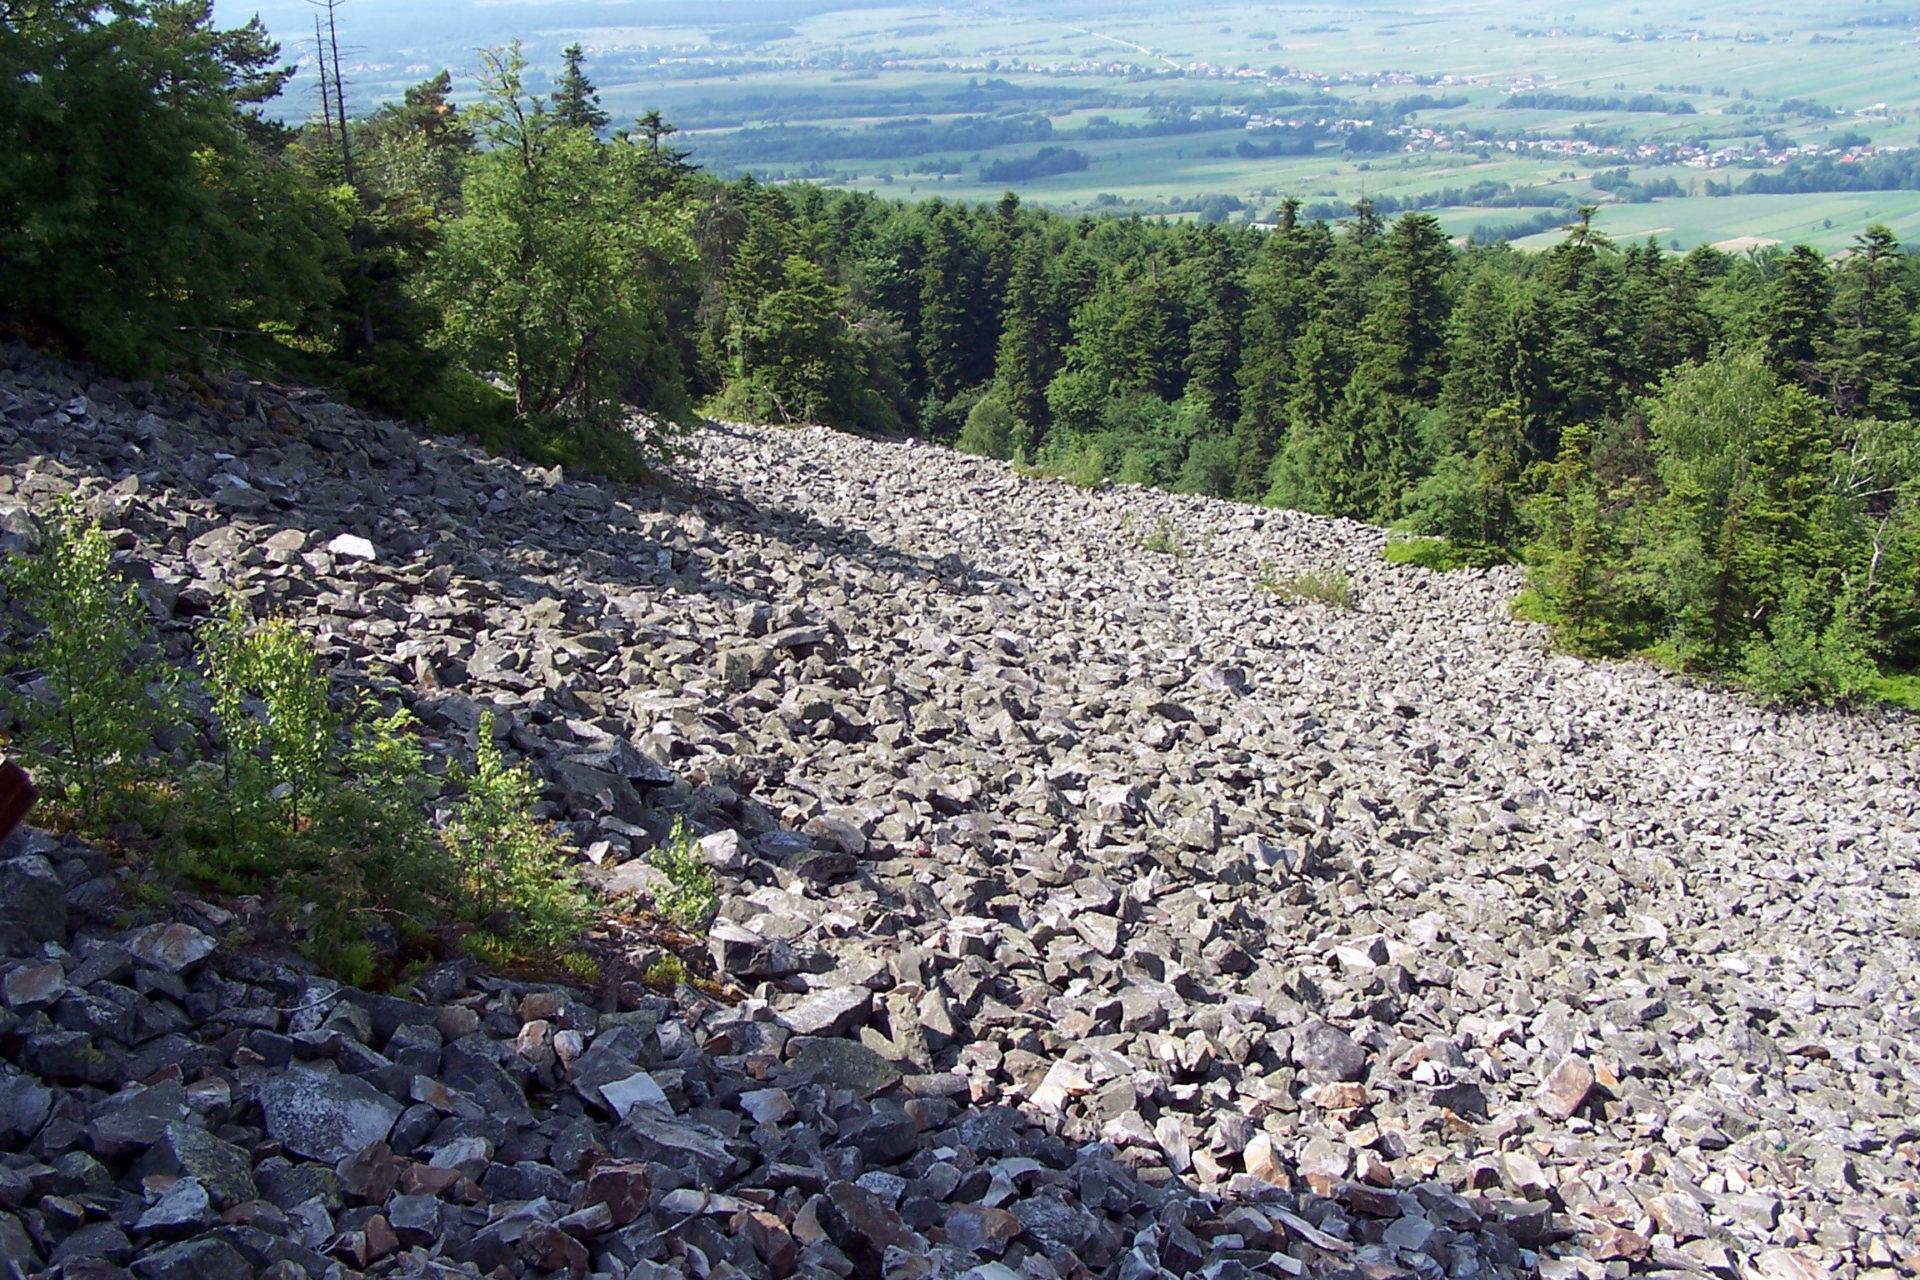 Rumowisko skalne (gołoborze) na Świętym Krzyżu w Górach Świętokrzyskich.